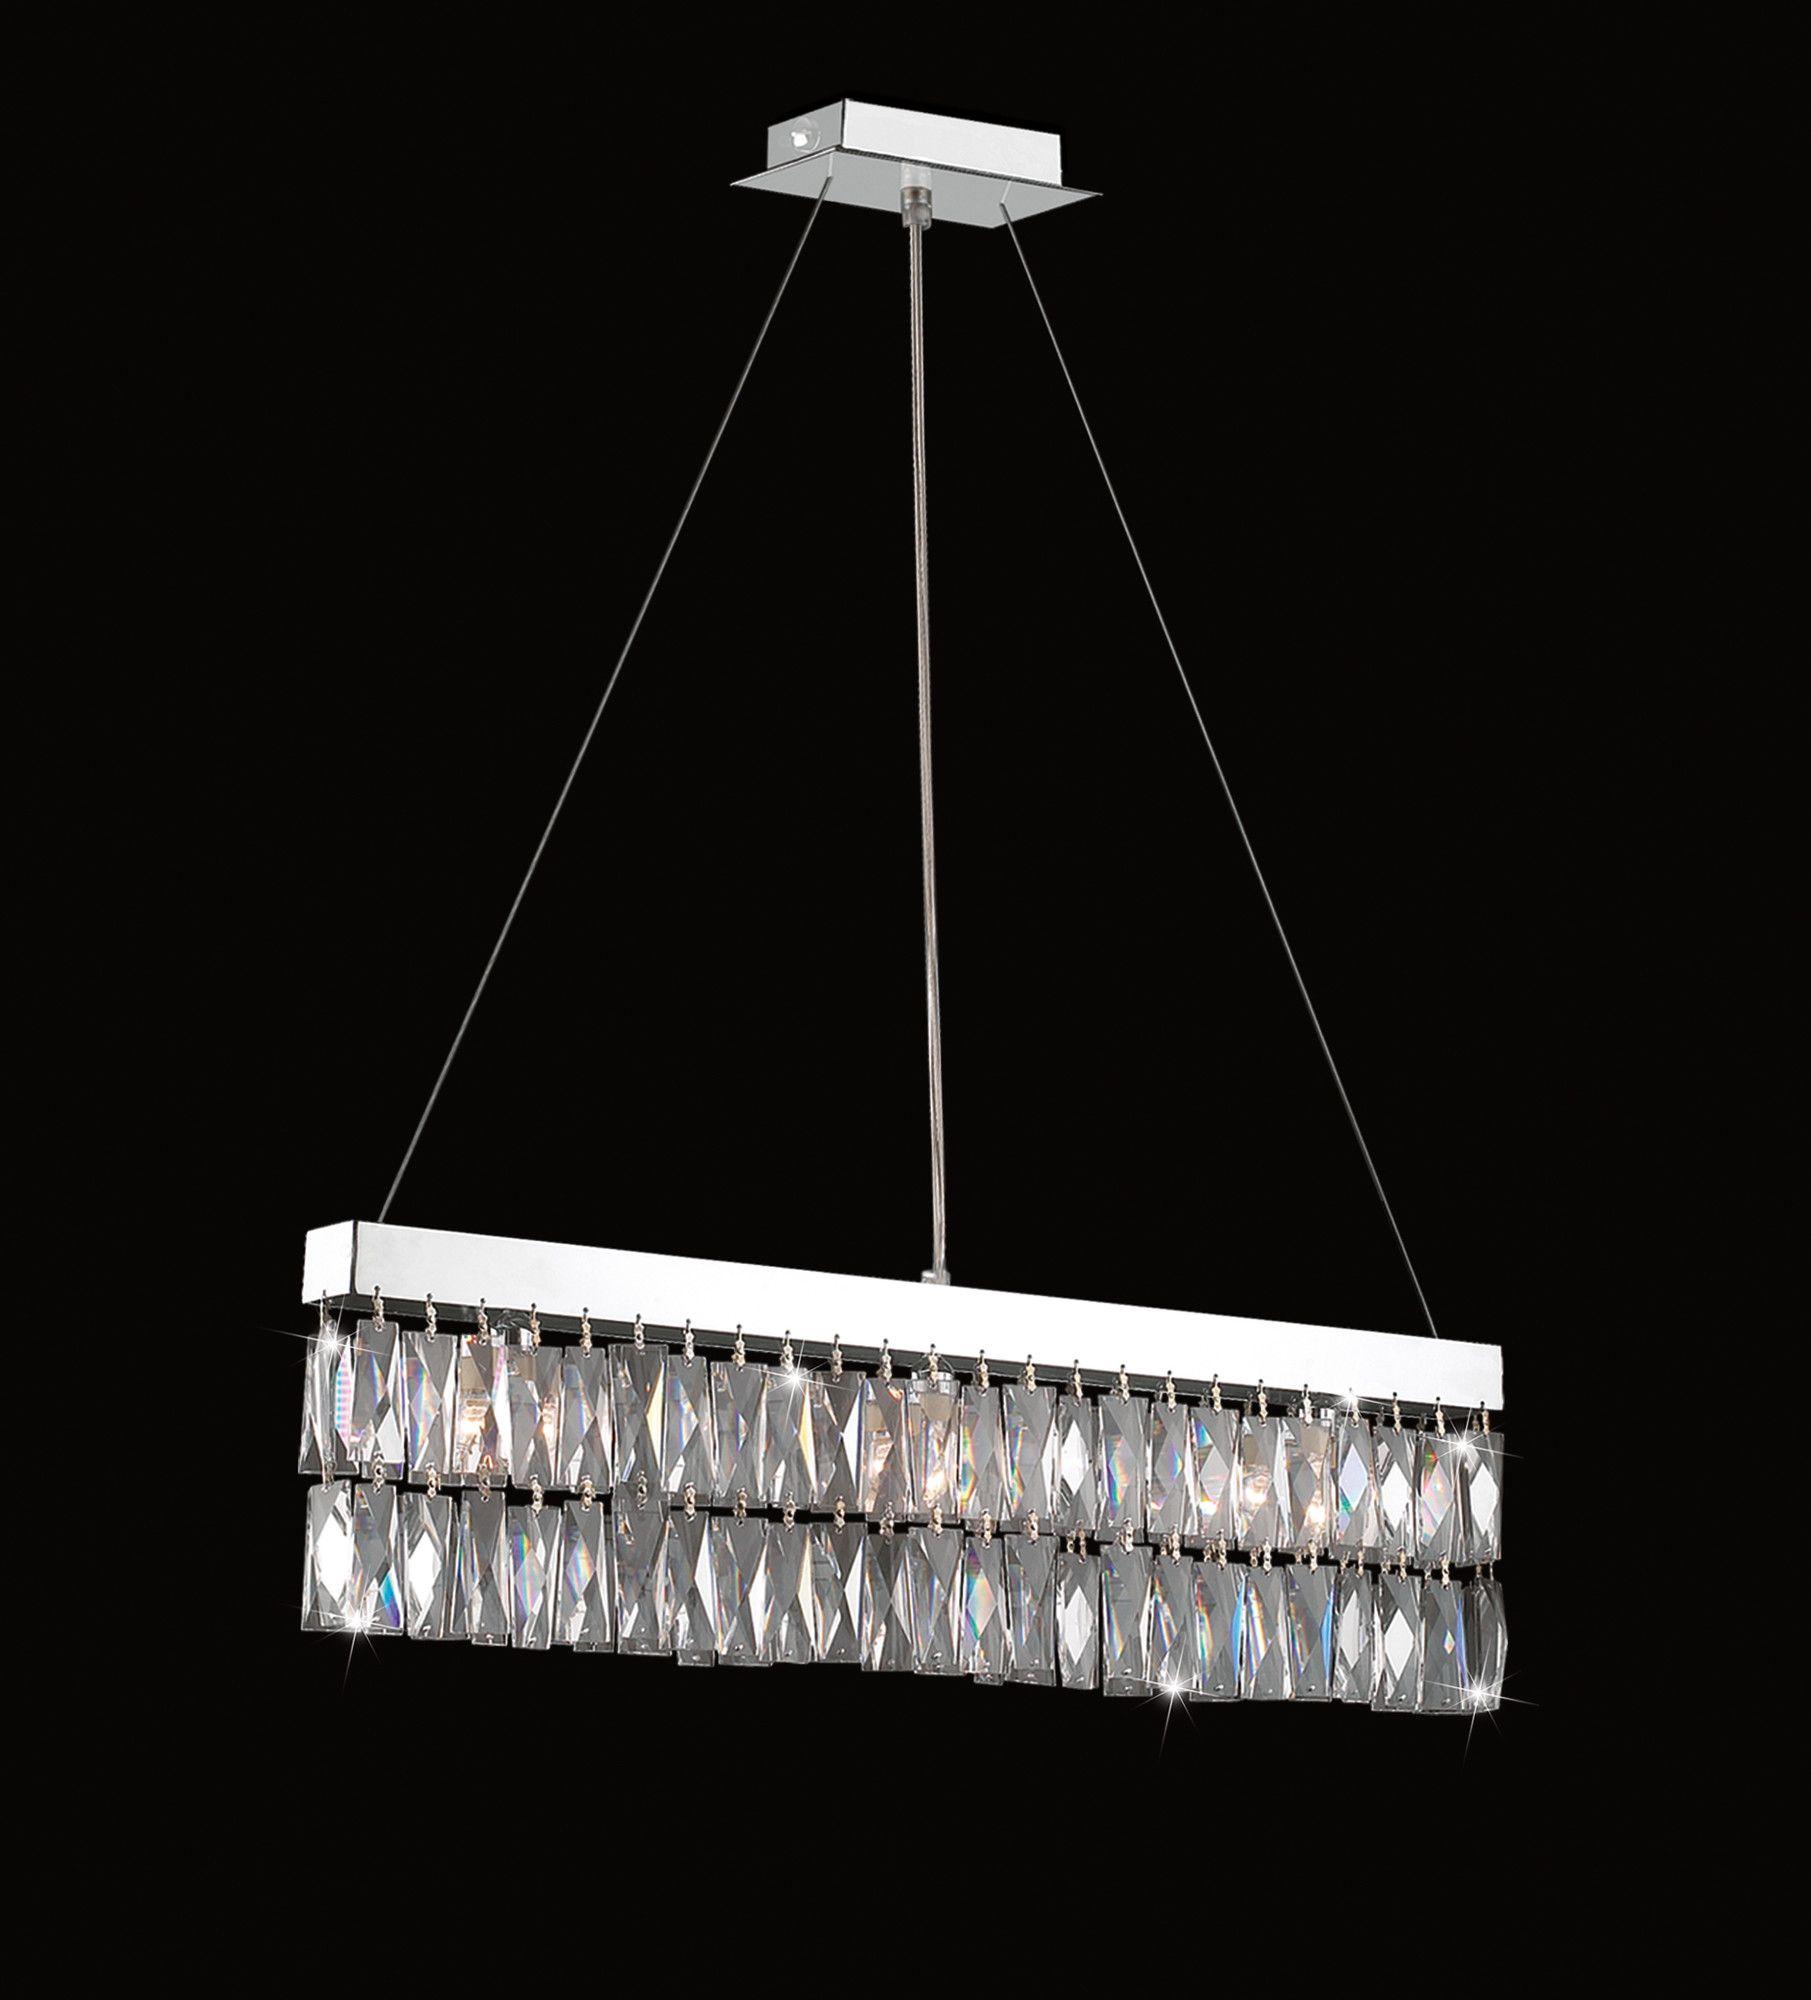 Pendant Lighting For Kitchens Uk